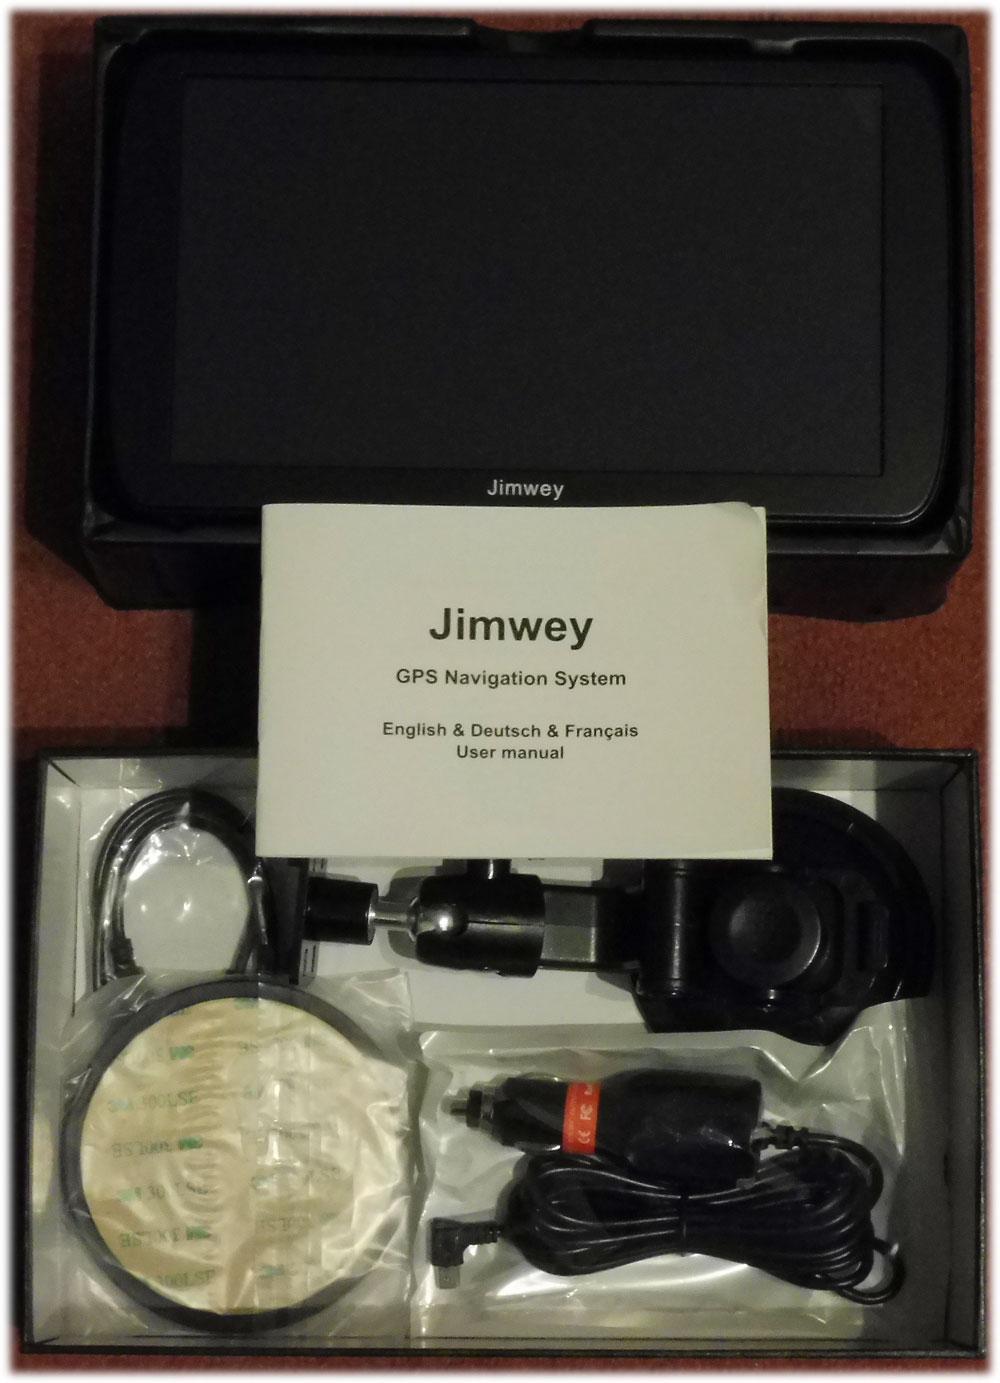 Jimwey-Lieferumfang